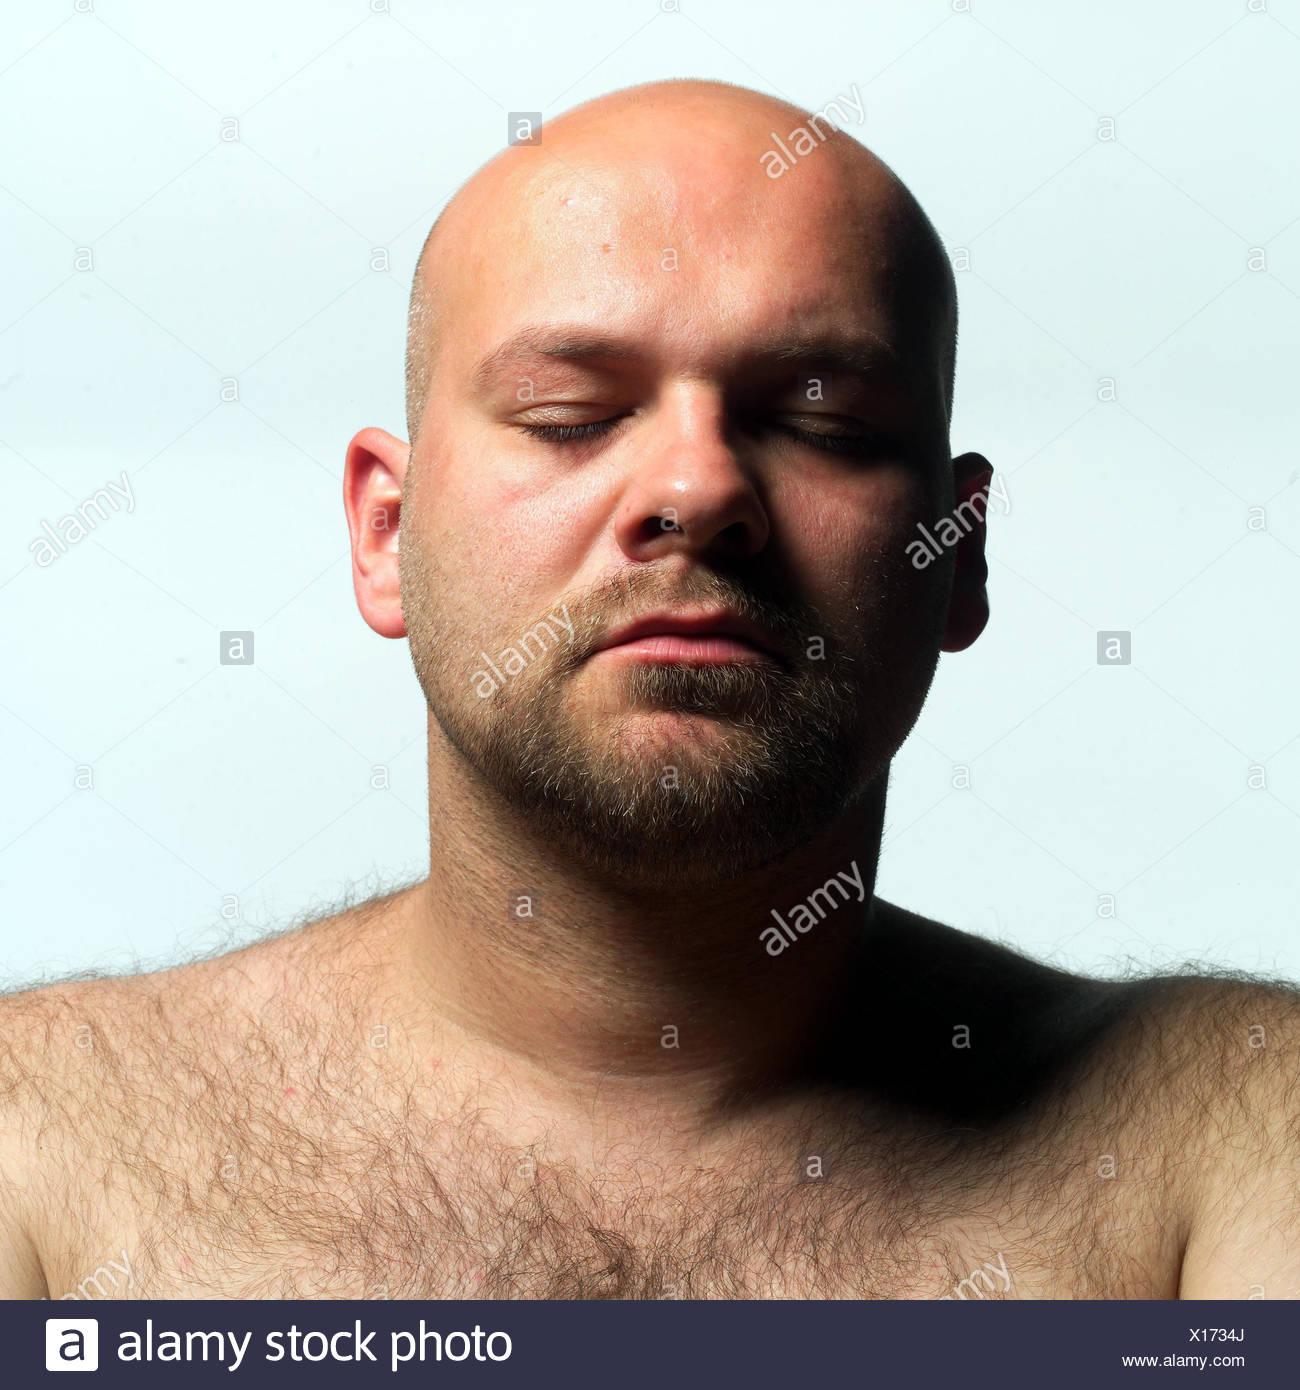 Mann Glatze Freien Oberen Teil Des Körpers Augen Geschlossen